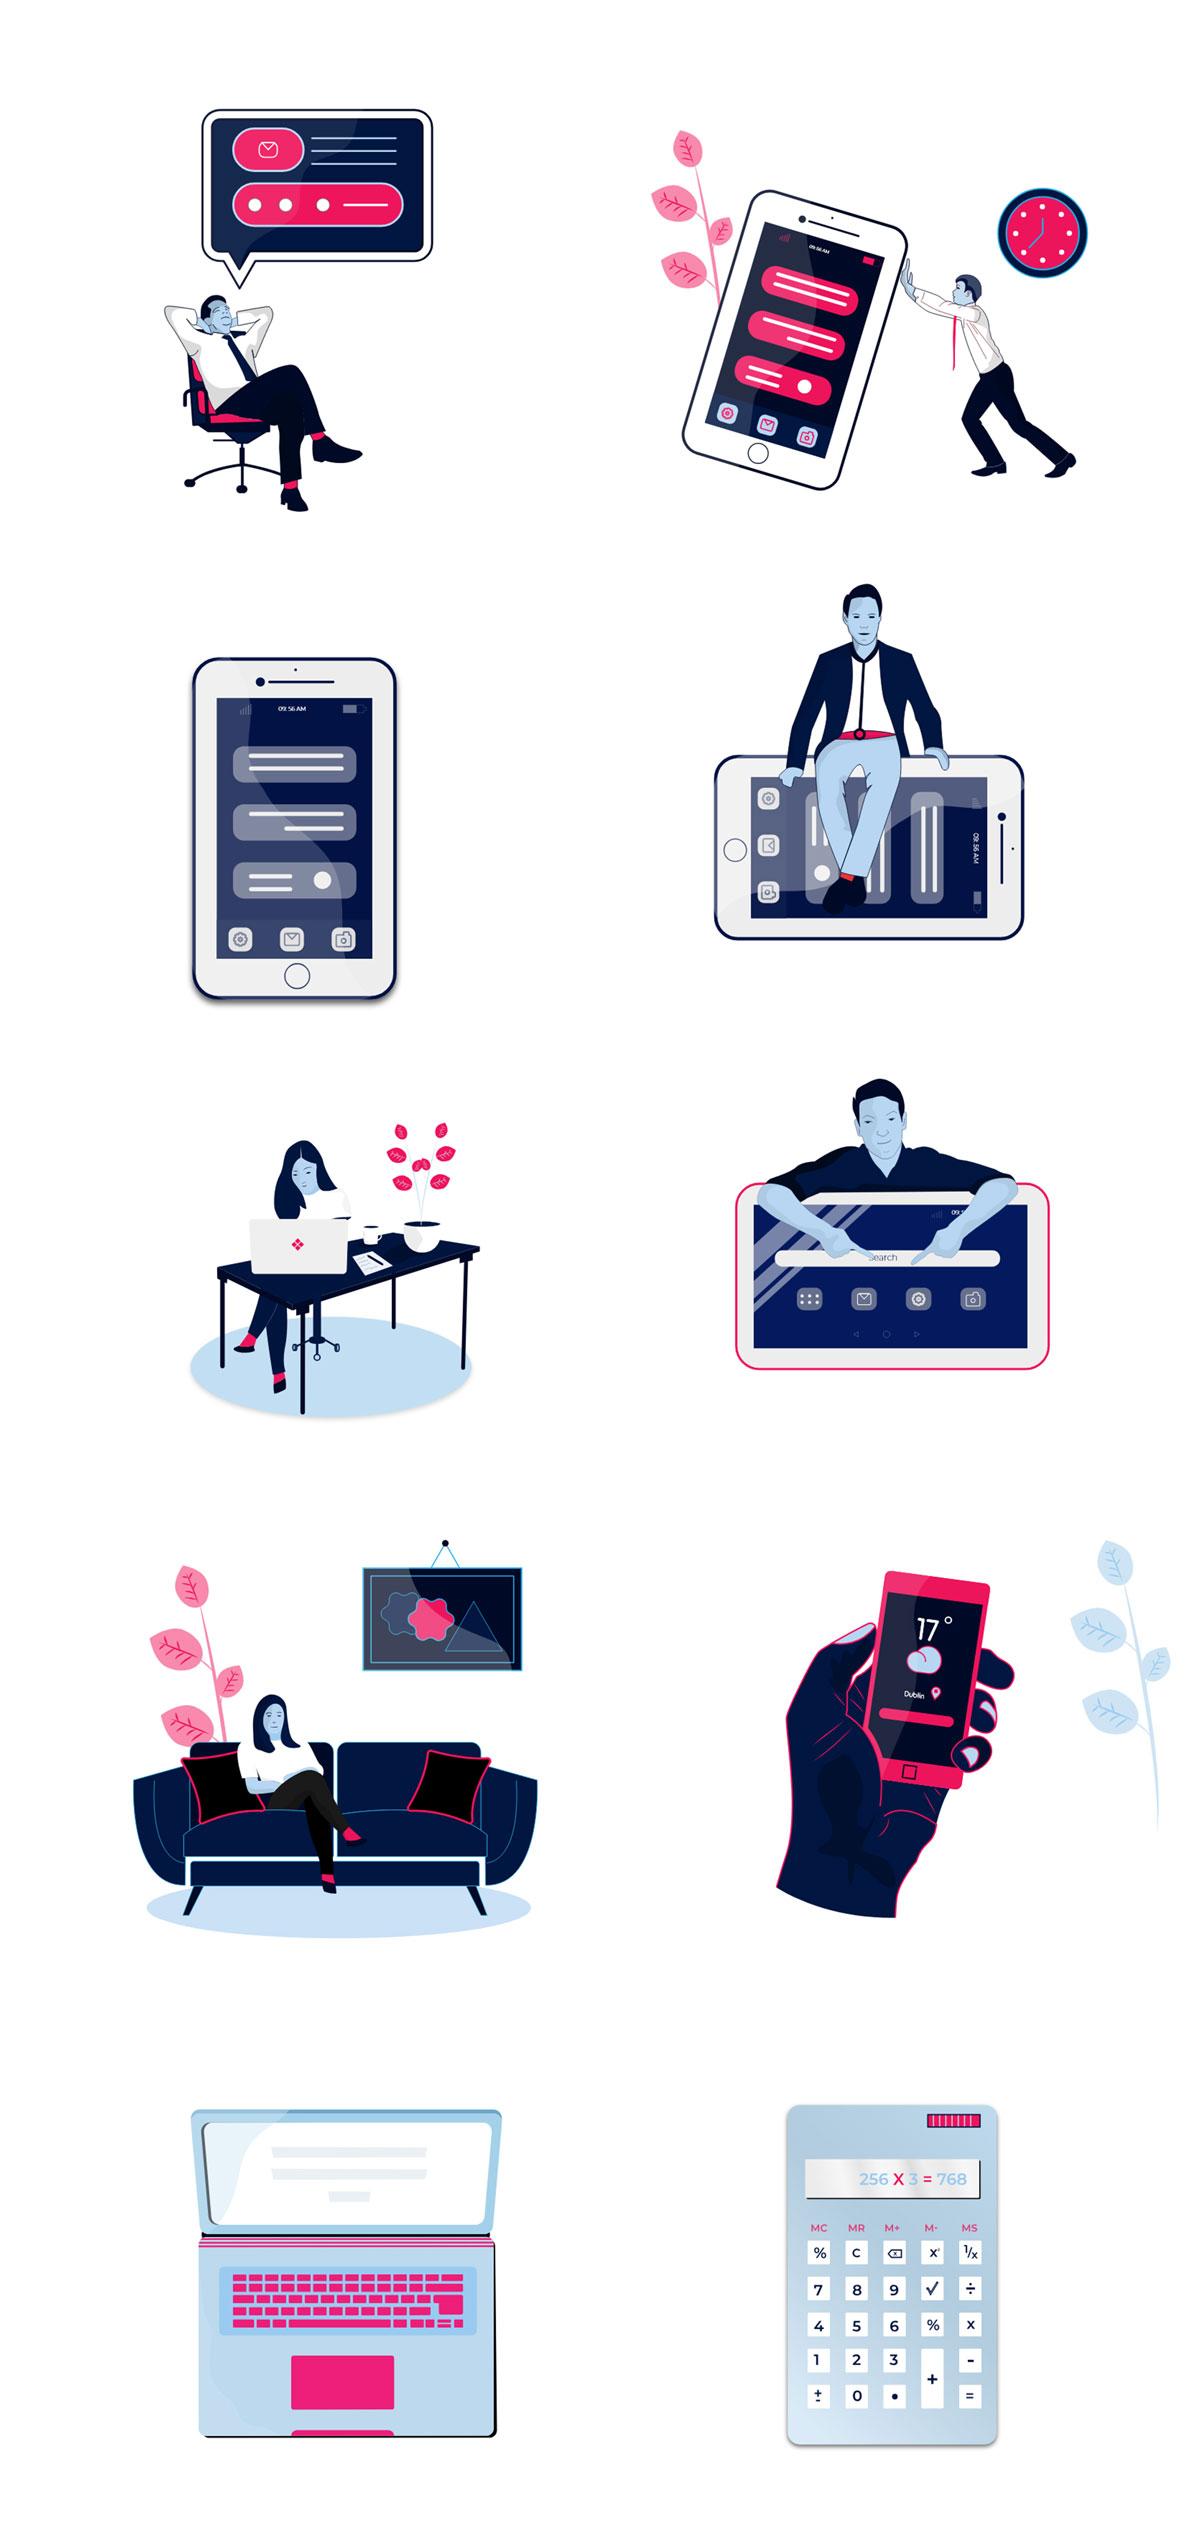 唯美的自由职业者矢量插图包Vol 01 Freelancer Illustration Pack Vol 01插图(11)